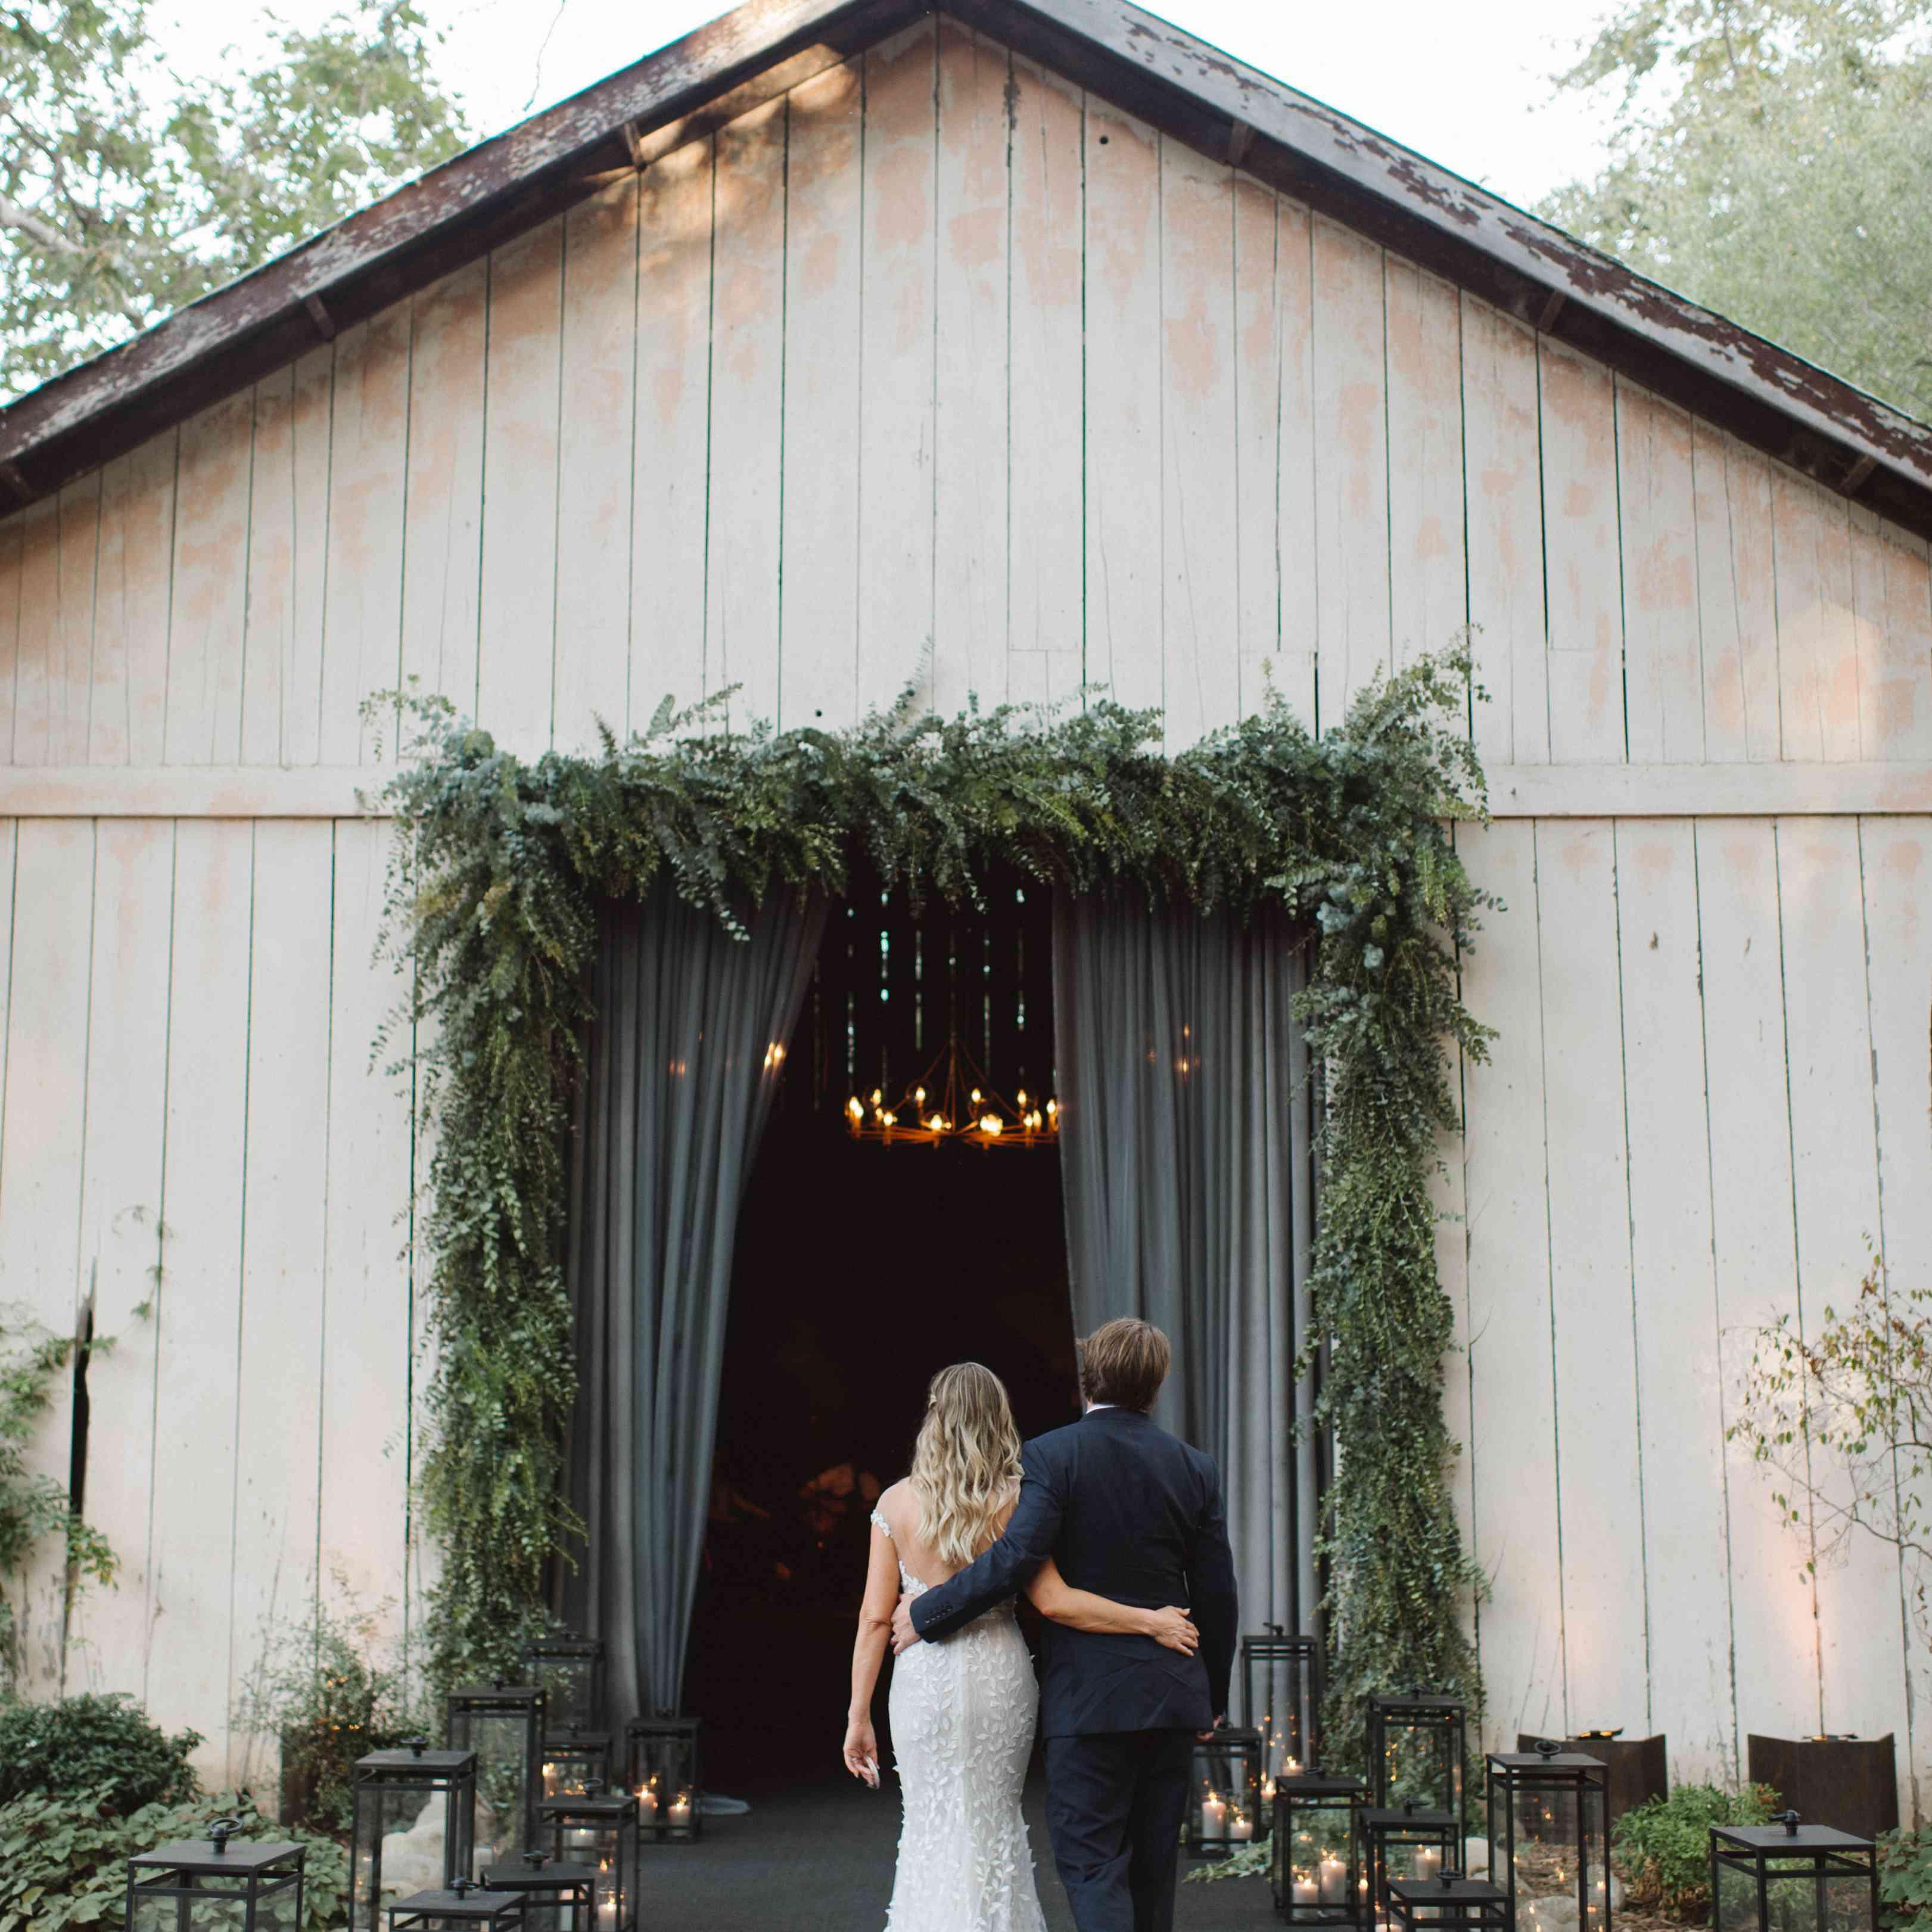 bride and groom walking into barn venue